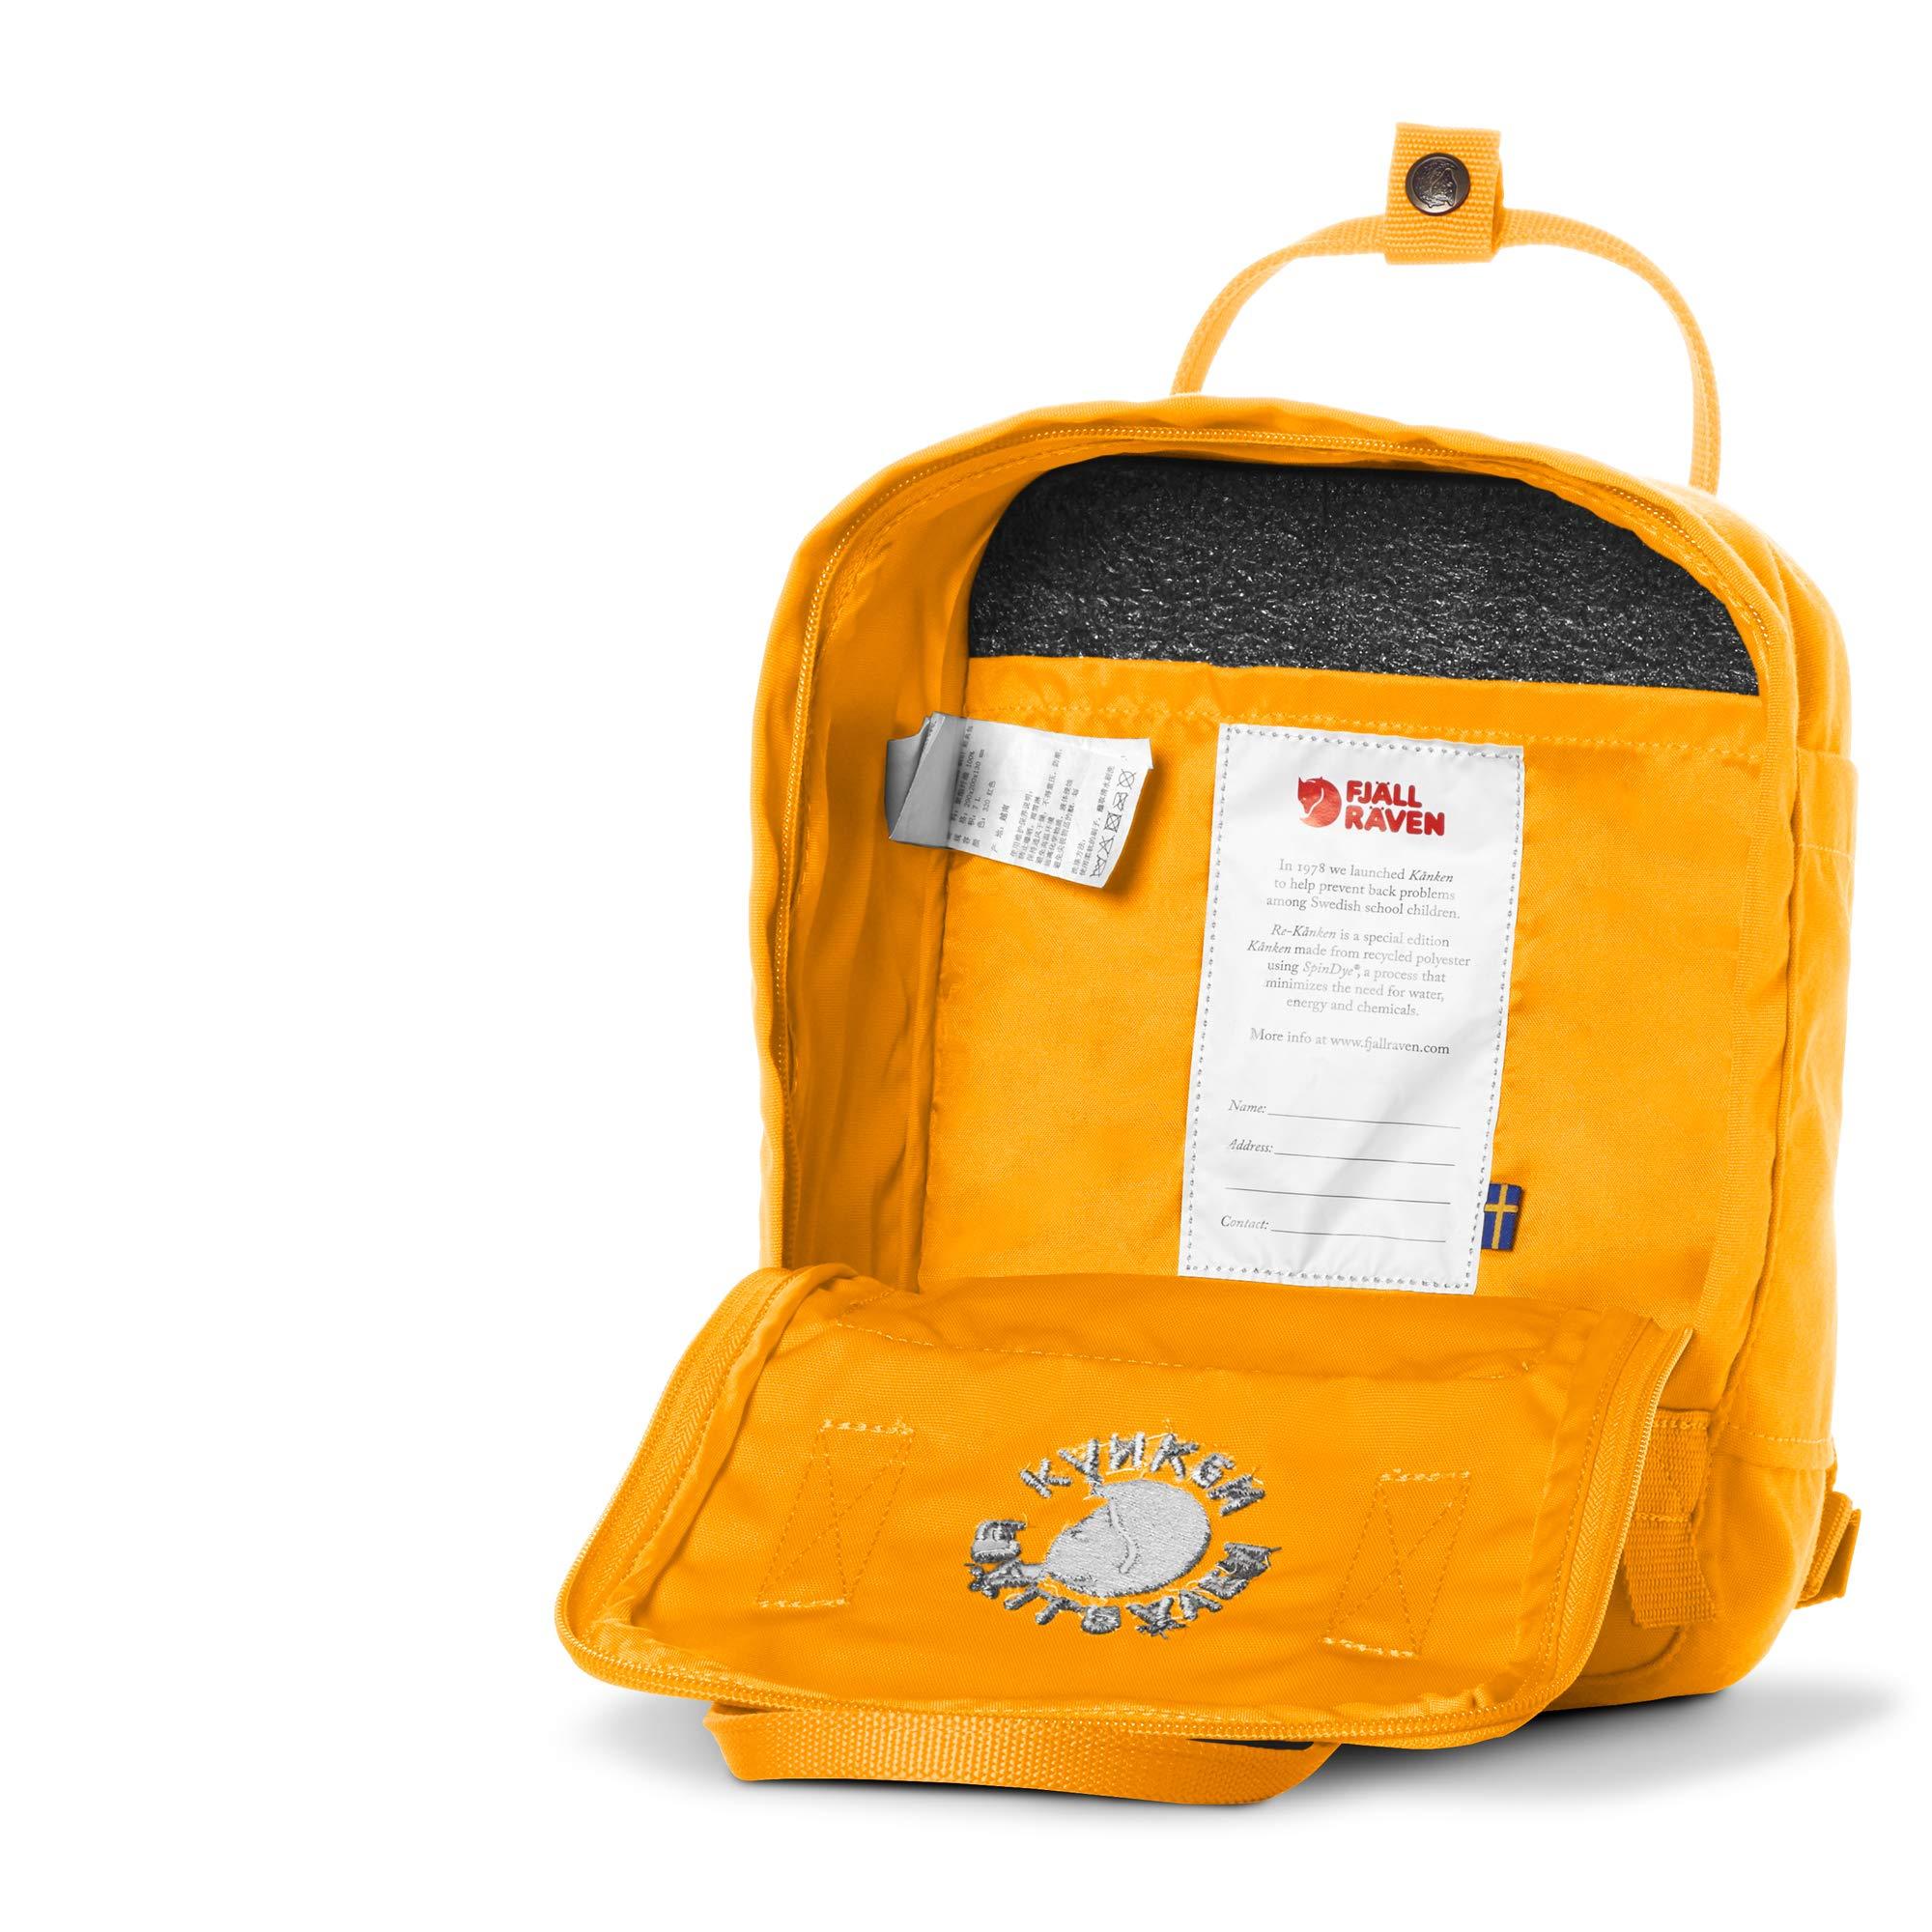 Fjllrven Re Knken Mini Rucksack Sunflower Yellow 29 X 20 13 Fjallraven Kanken Classic Cm Yu Thch